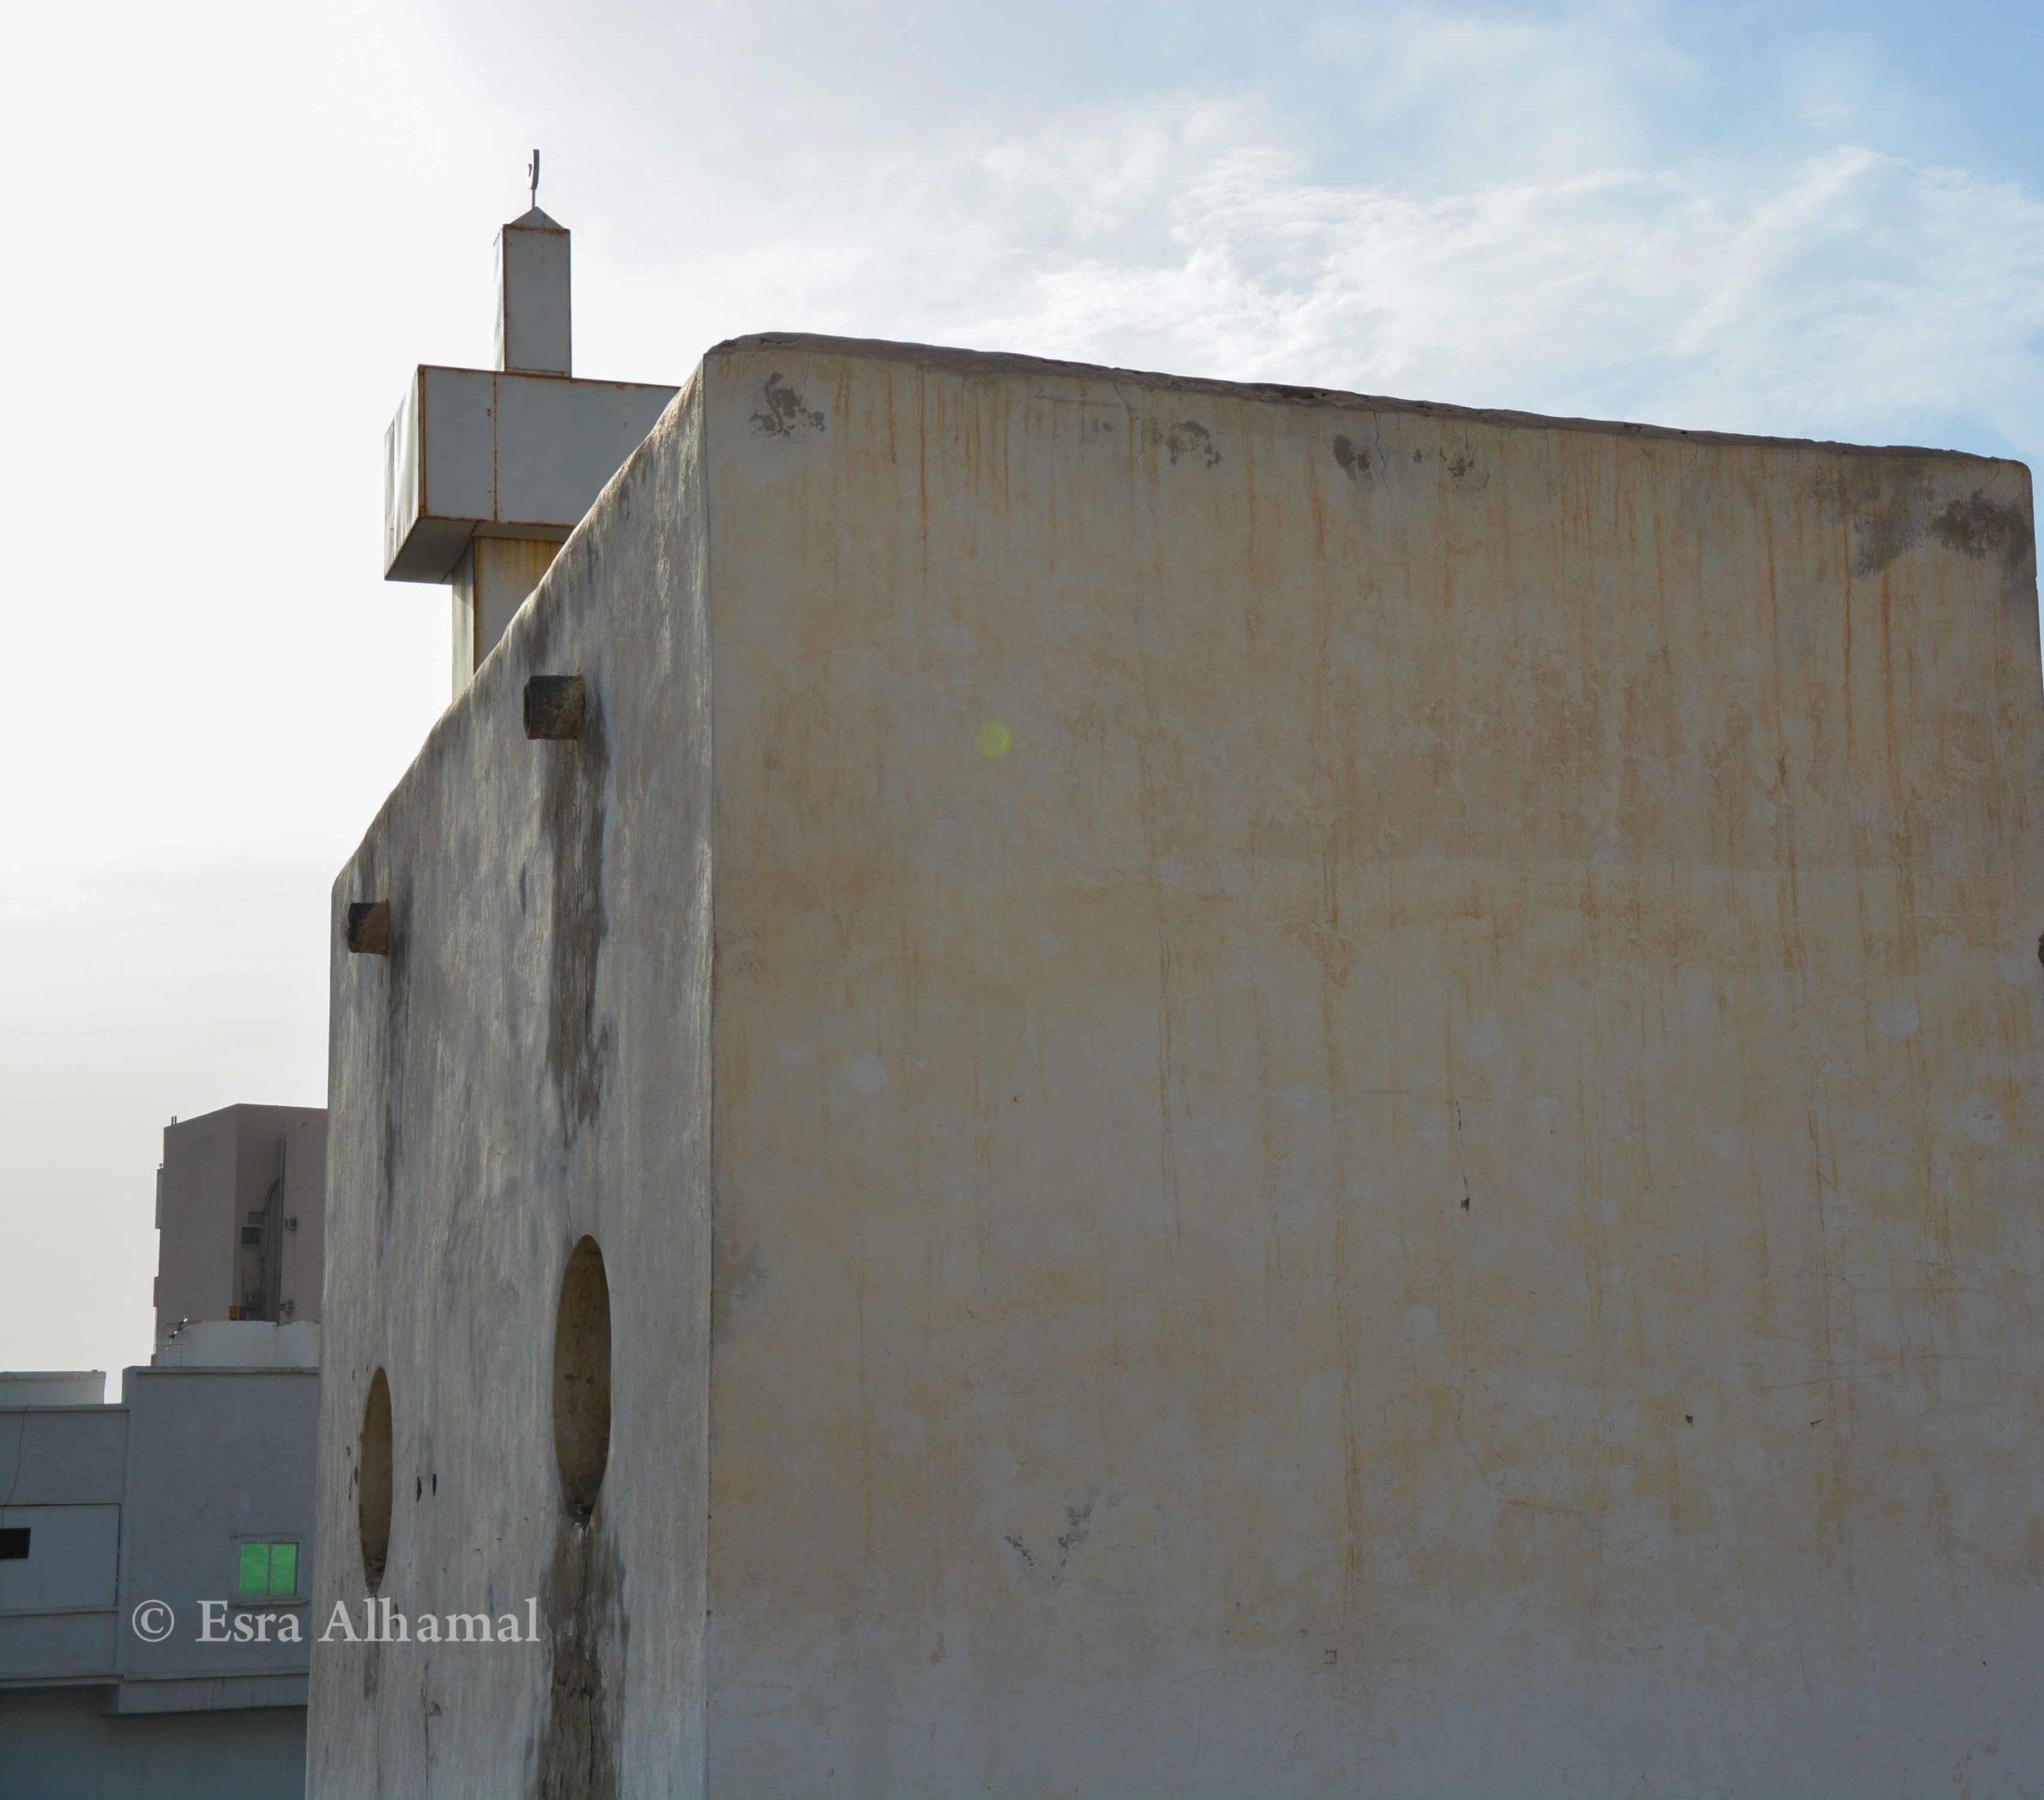 مسجد الخليفة الثاني عمر بن الخطاب - The second caliph mosque Omar Ben Al Khtab